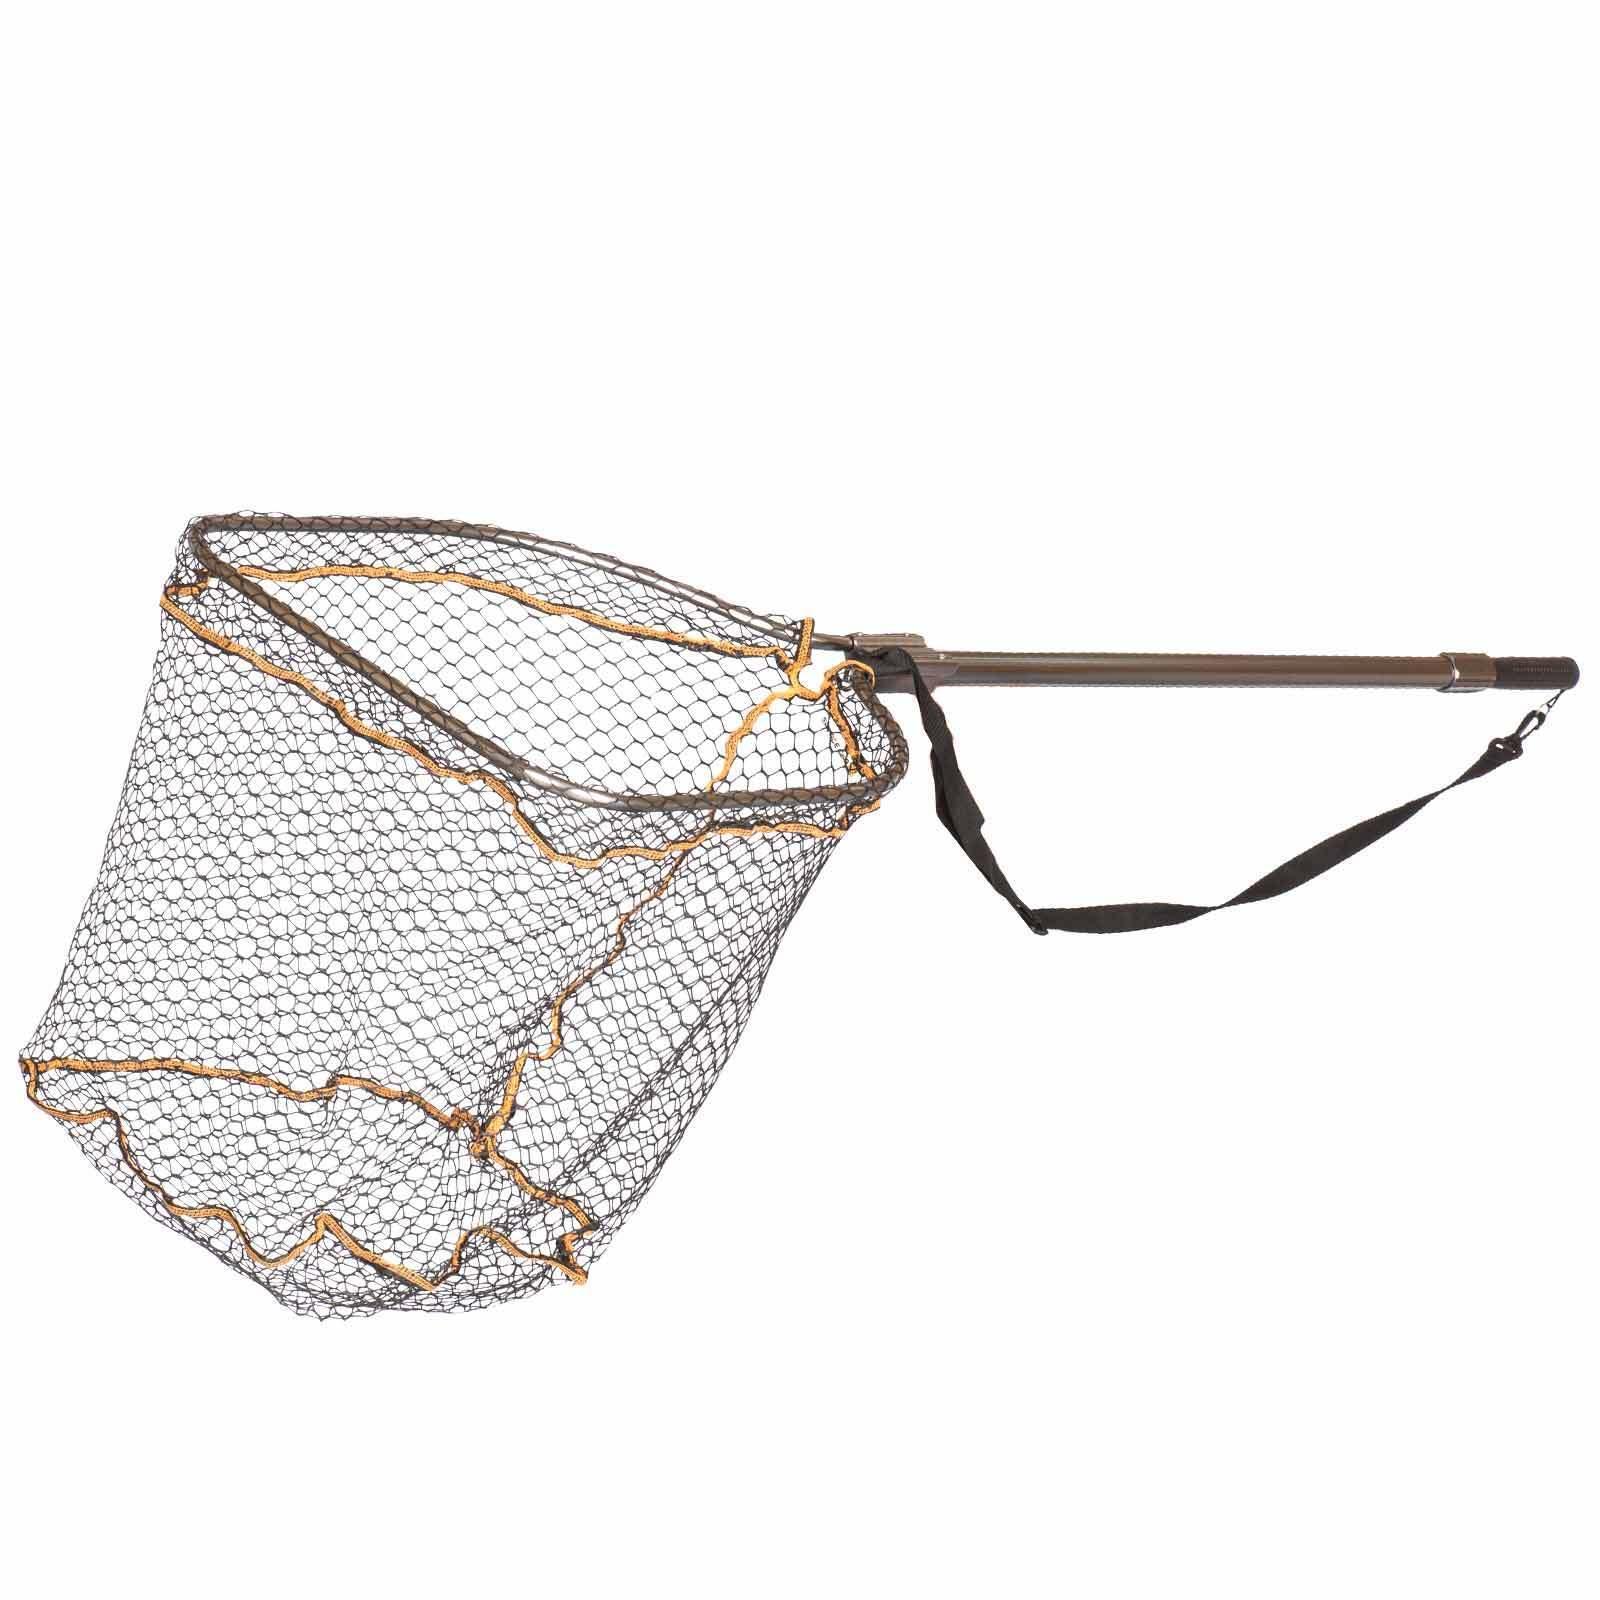 Savage Gear Raubfischkescher Kescher - Full Frame Rubber mesh Landing Net L